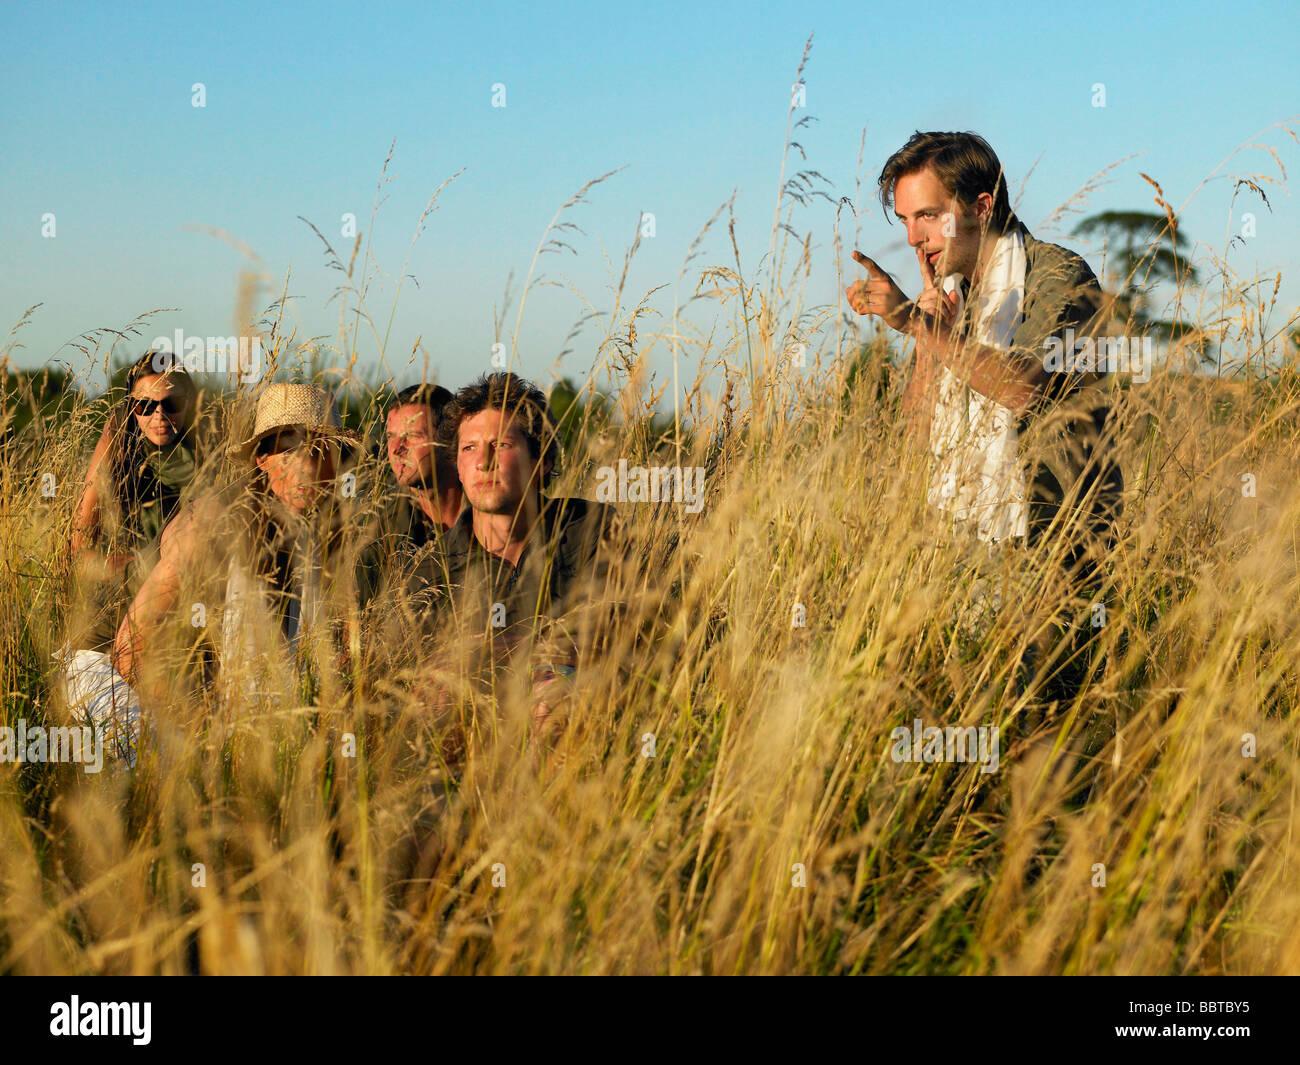 Man Safari Stock Photos & Man Safari Stock Images